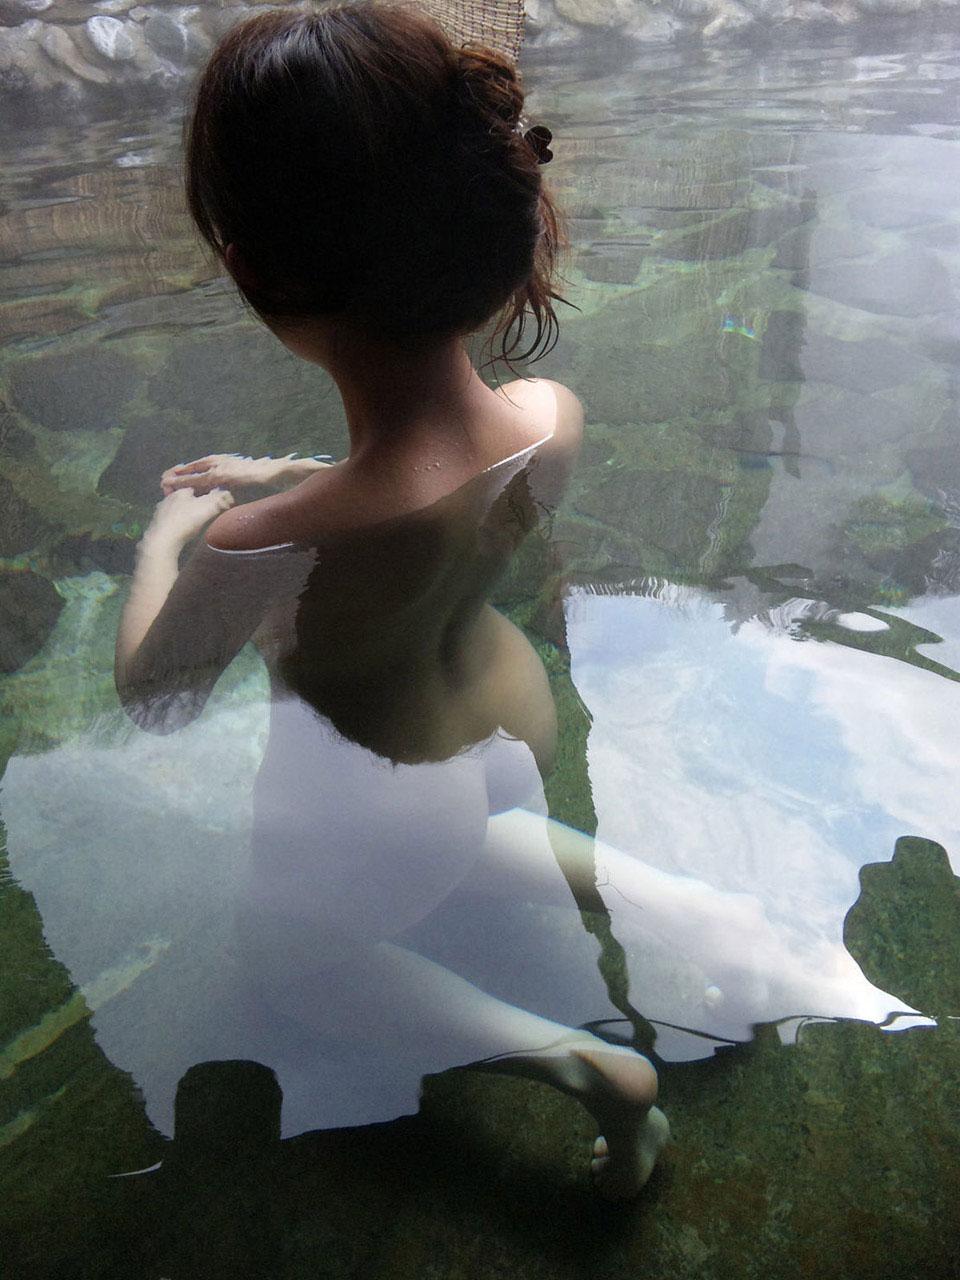 【濡れエロ画像】水滴が付着して濡れている美尻から感じる至高のエロスwww 08